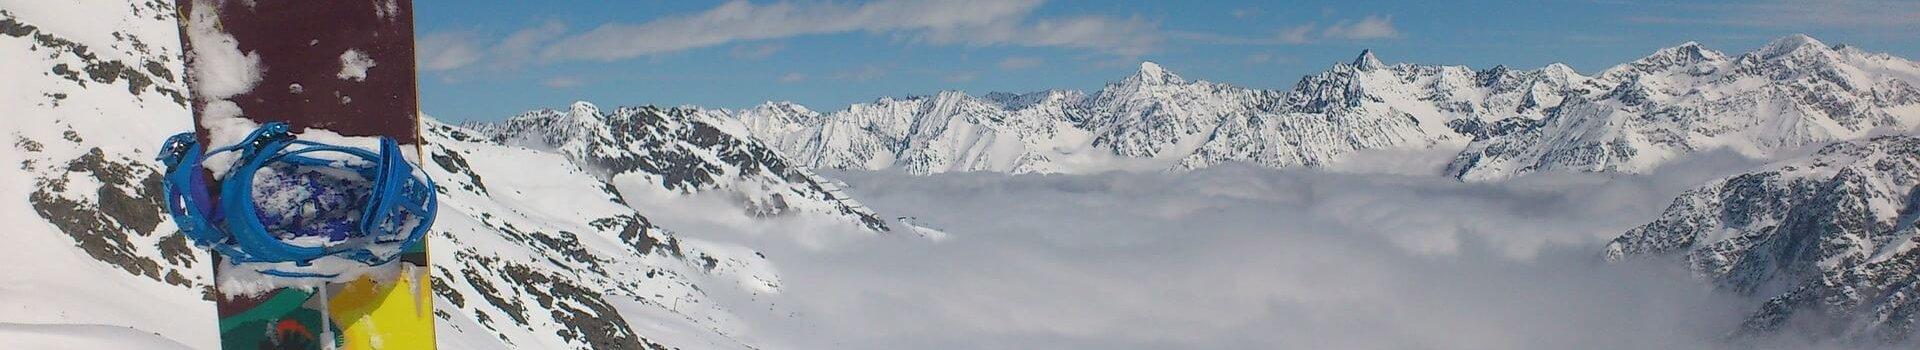 Jak rozpoznać kompetentny sklep snowboardowy?